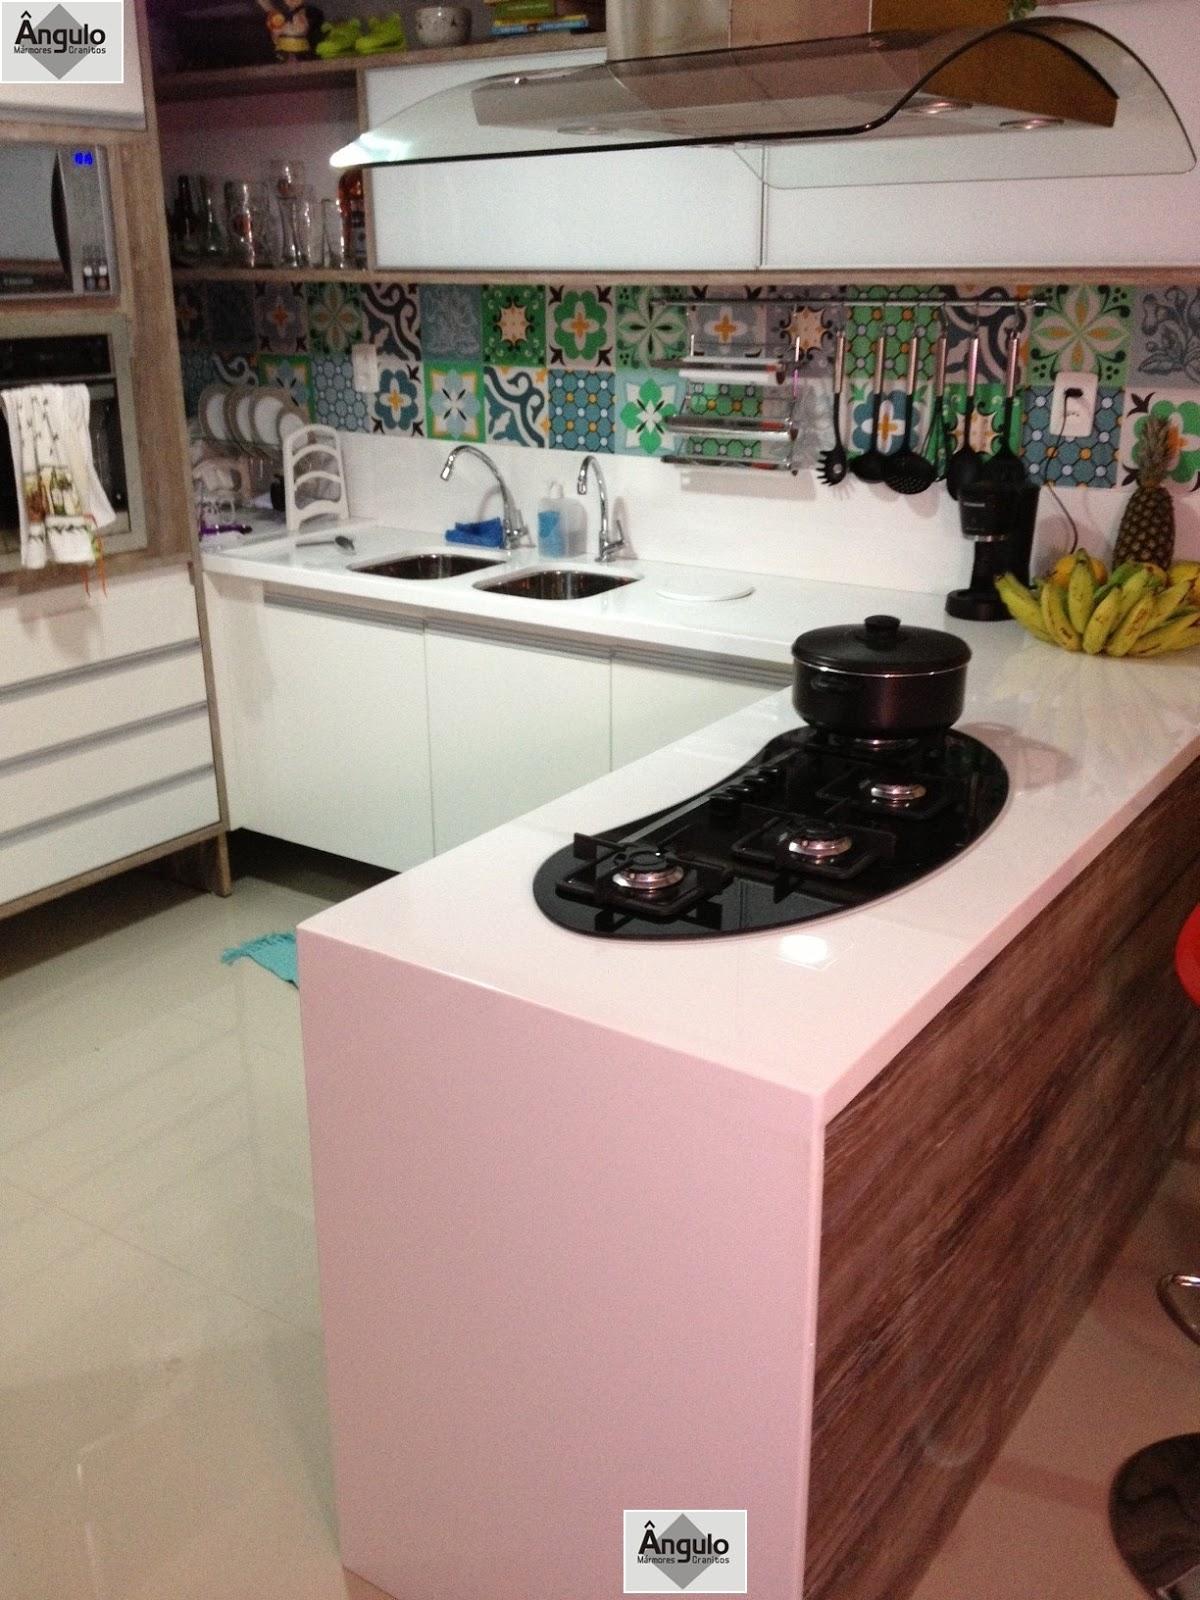 #8B4047 Linda Cozinha projetada em Nanoglass. Um projeto compacto funcional e  1200x1600 px projeto banheiro compacto